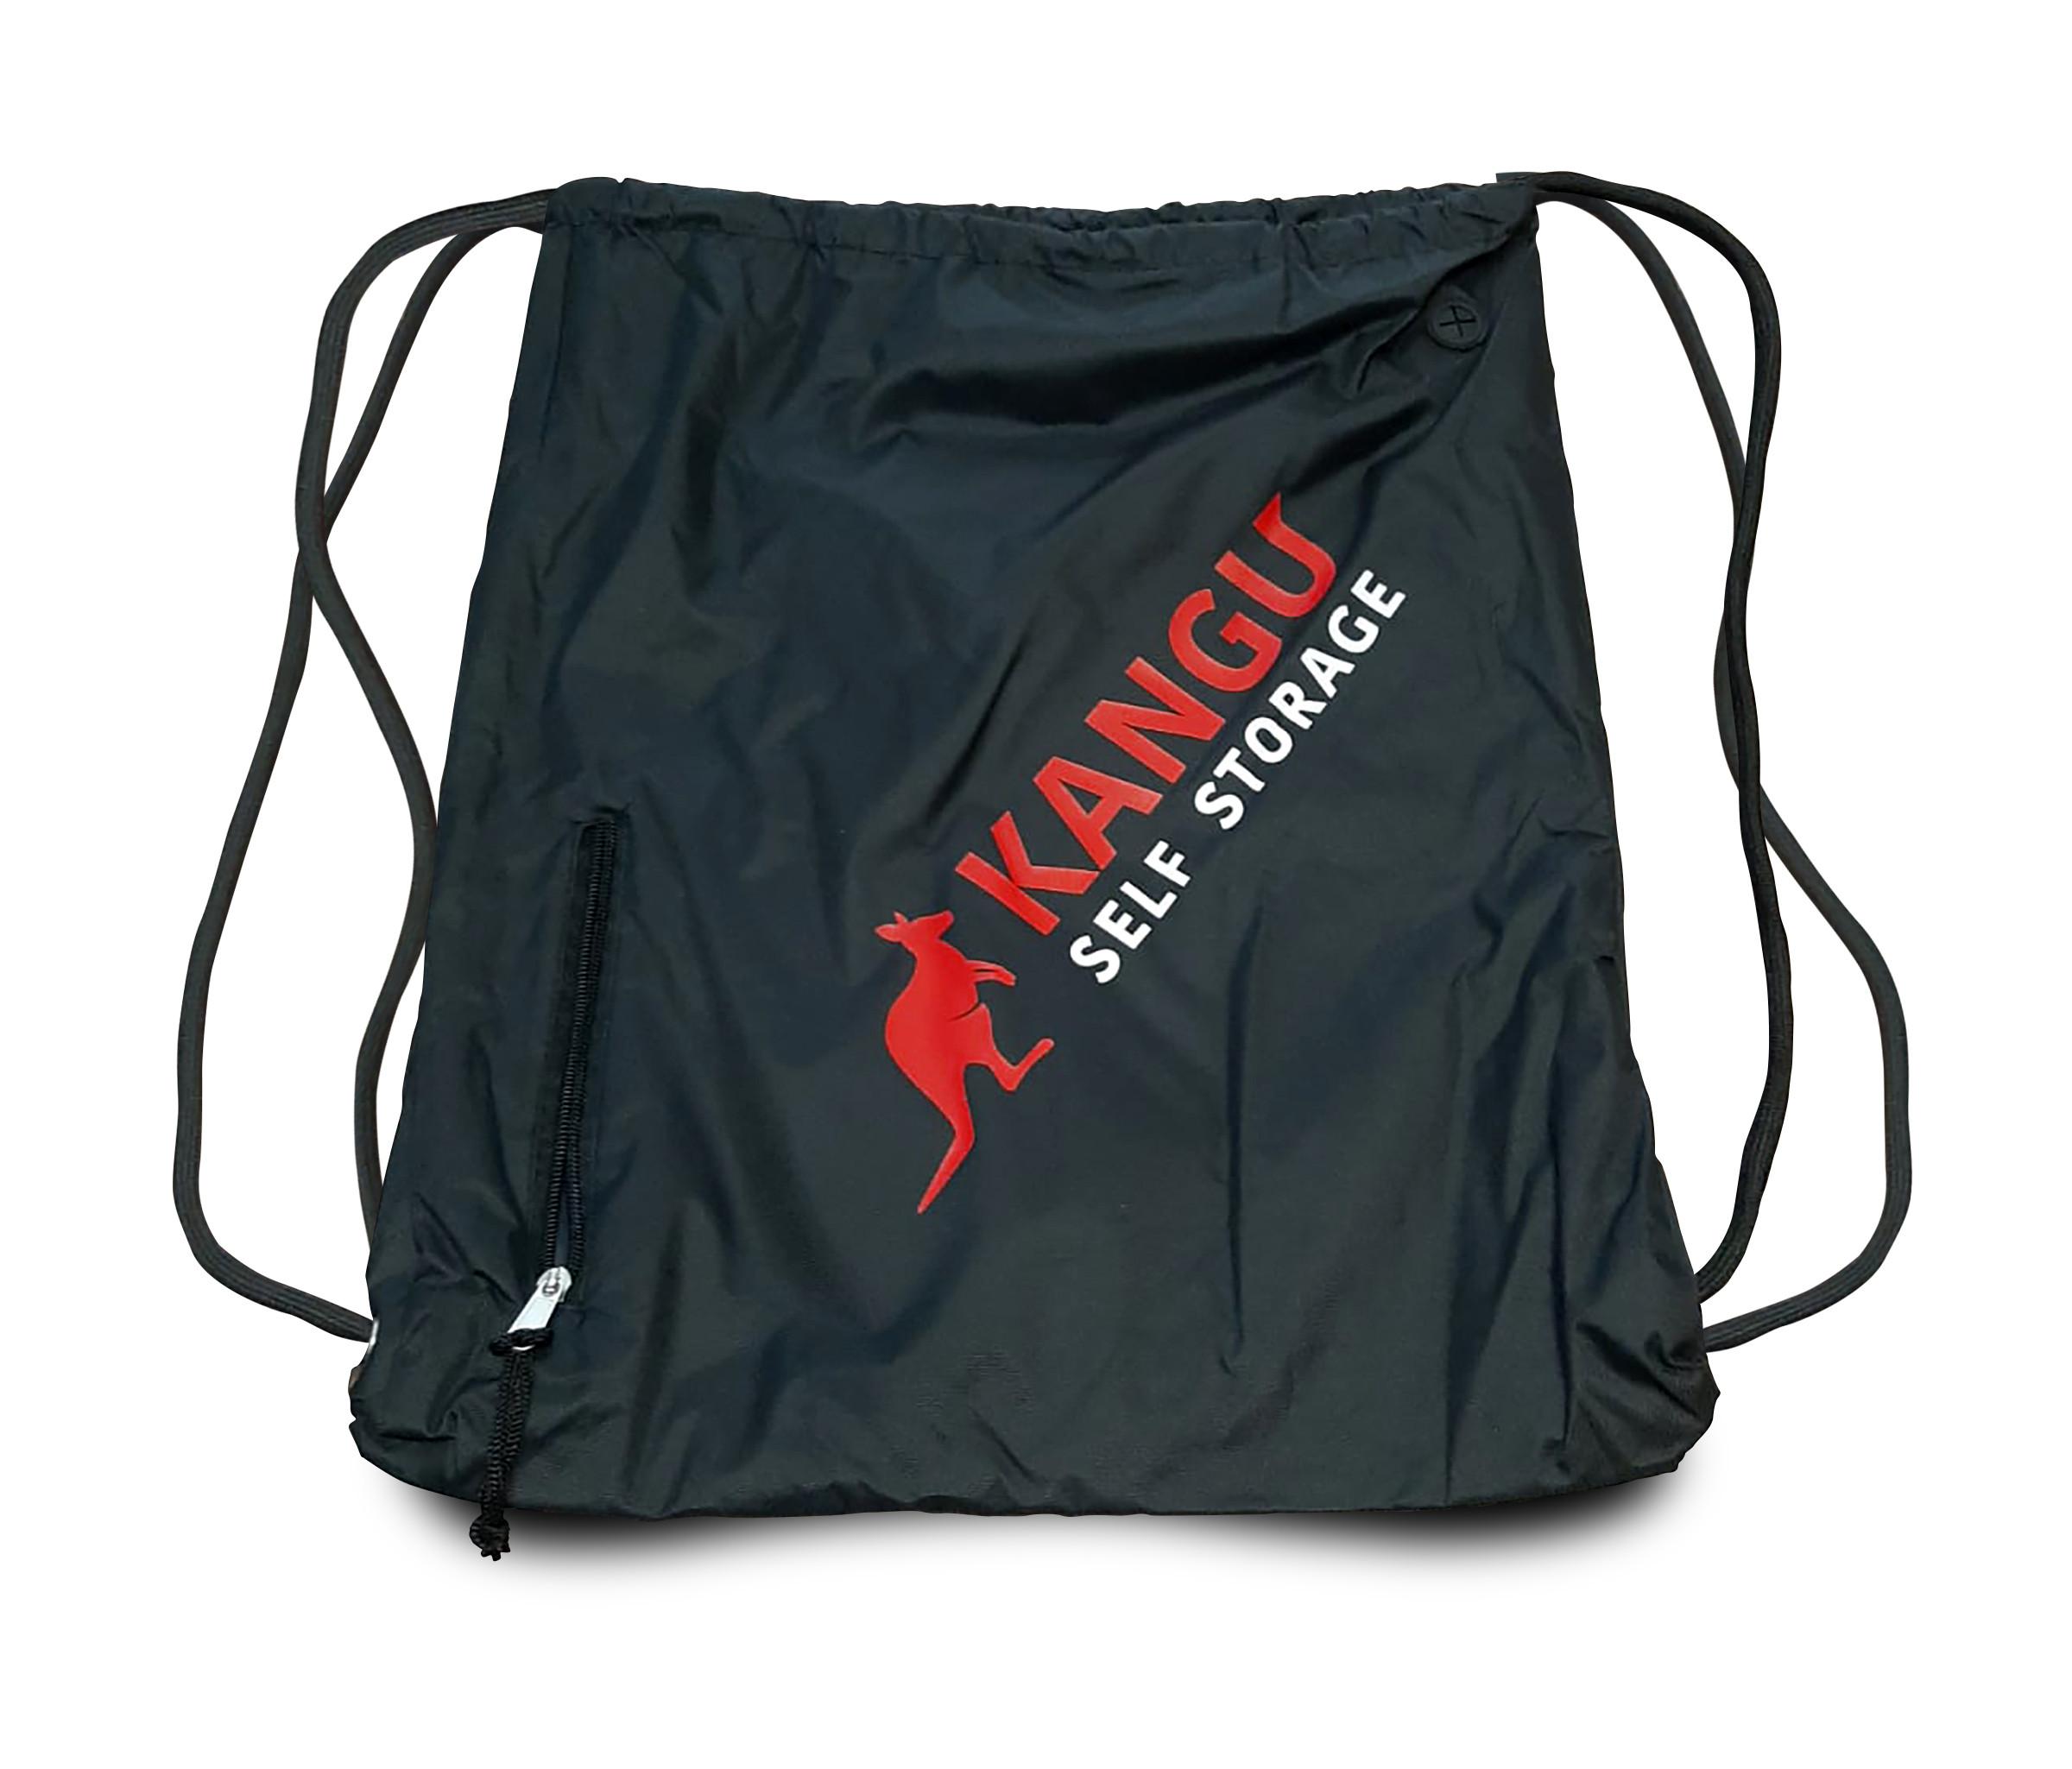 Kangu's backpack